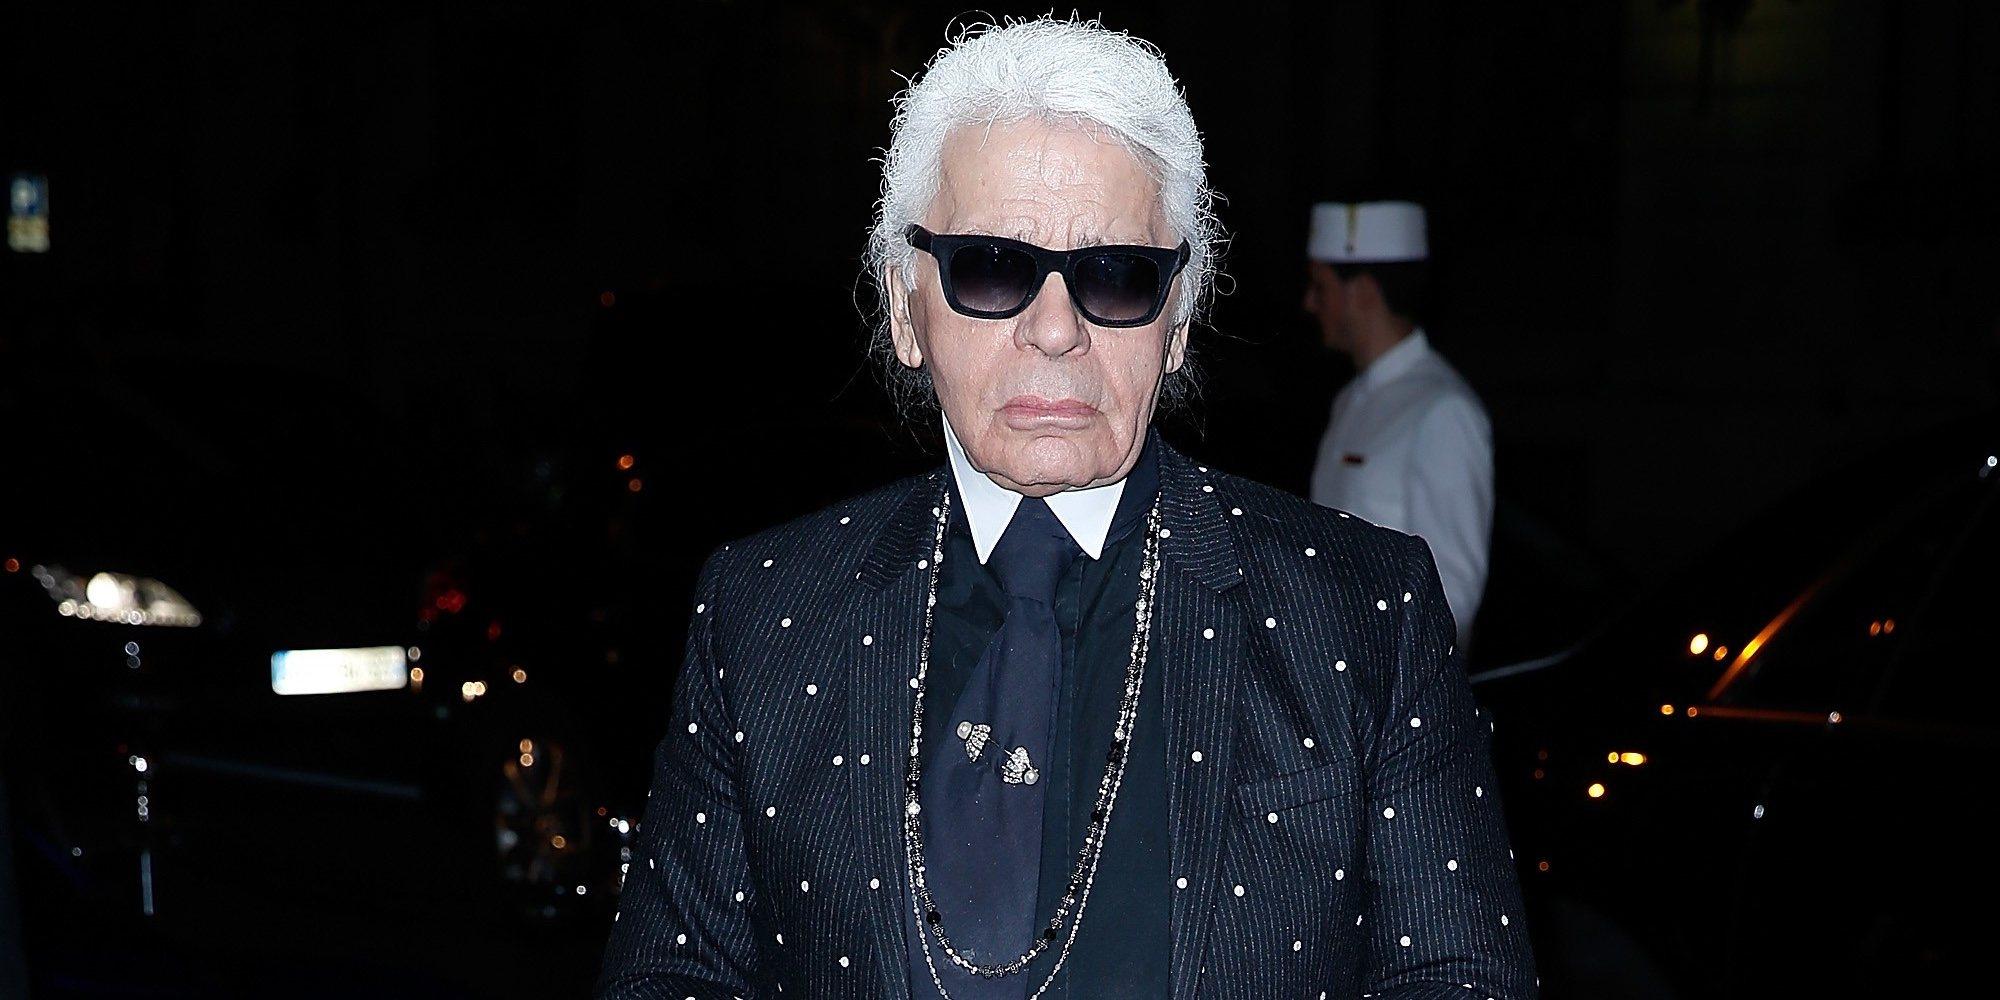 Así es Karl Lagerfeld, un genio de la moda convertido en todo un icono